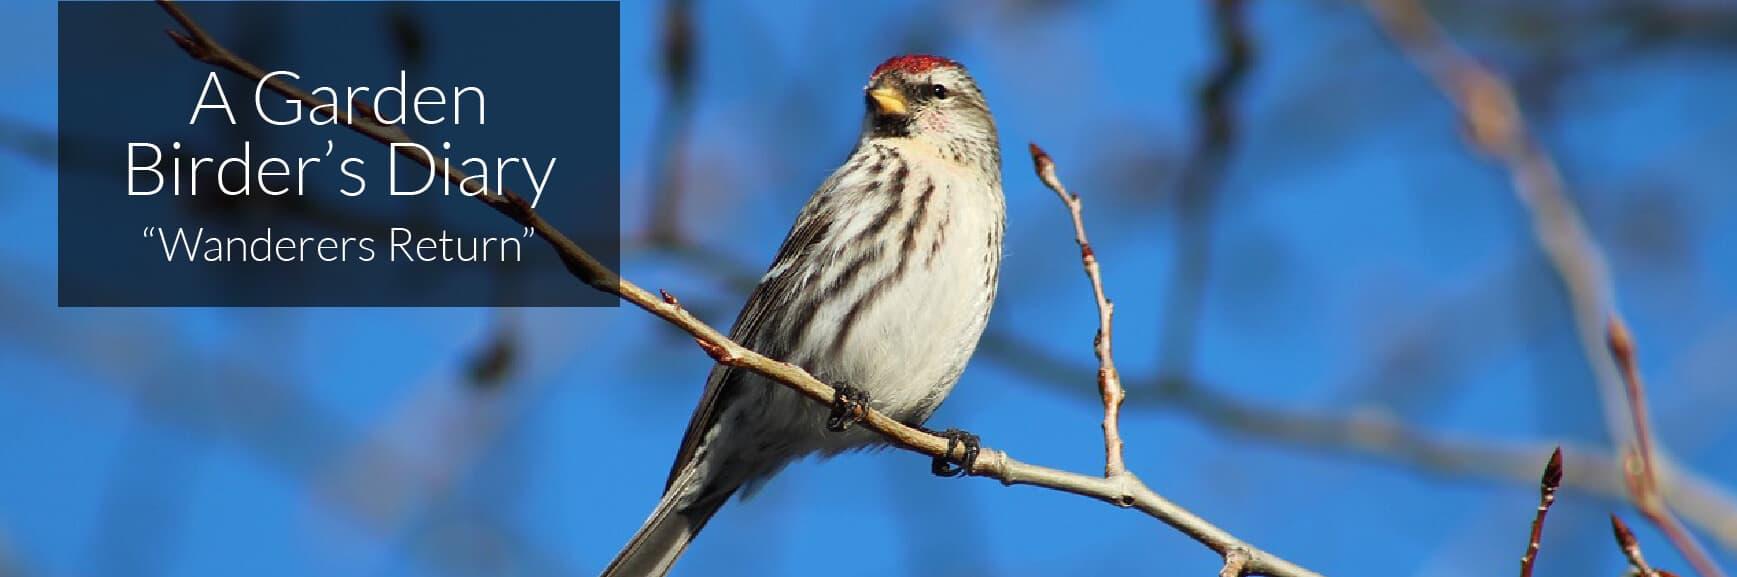 A Garden Birder's Diary – Wanderers Return